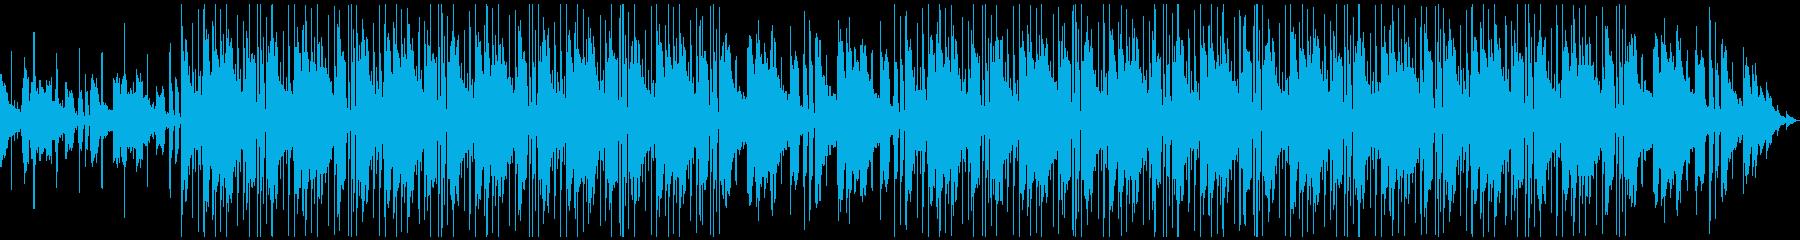 オシャレ アーバン R&B Chillの再生済みの波形